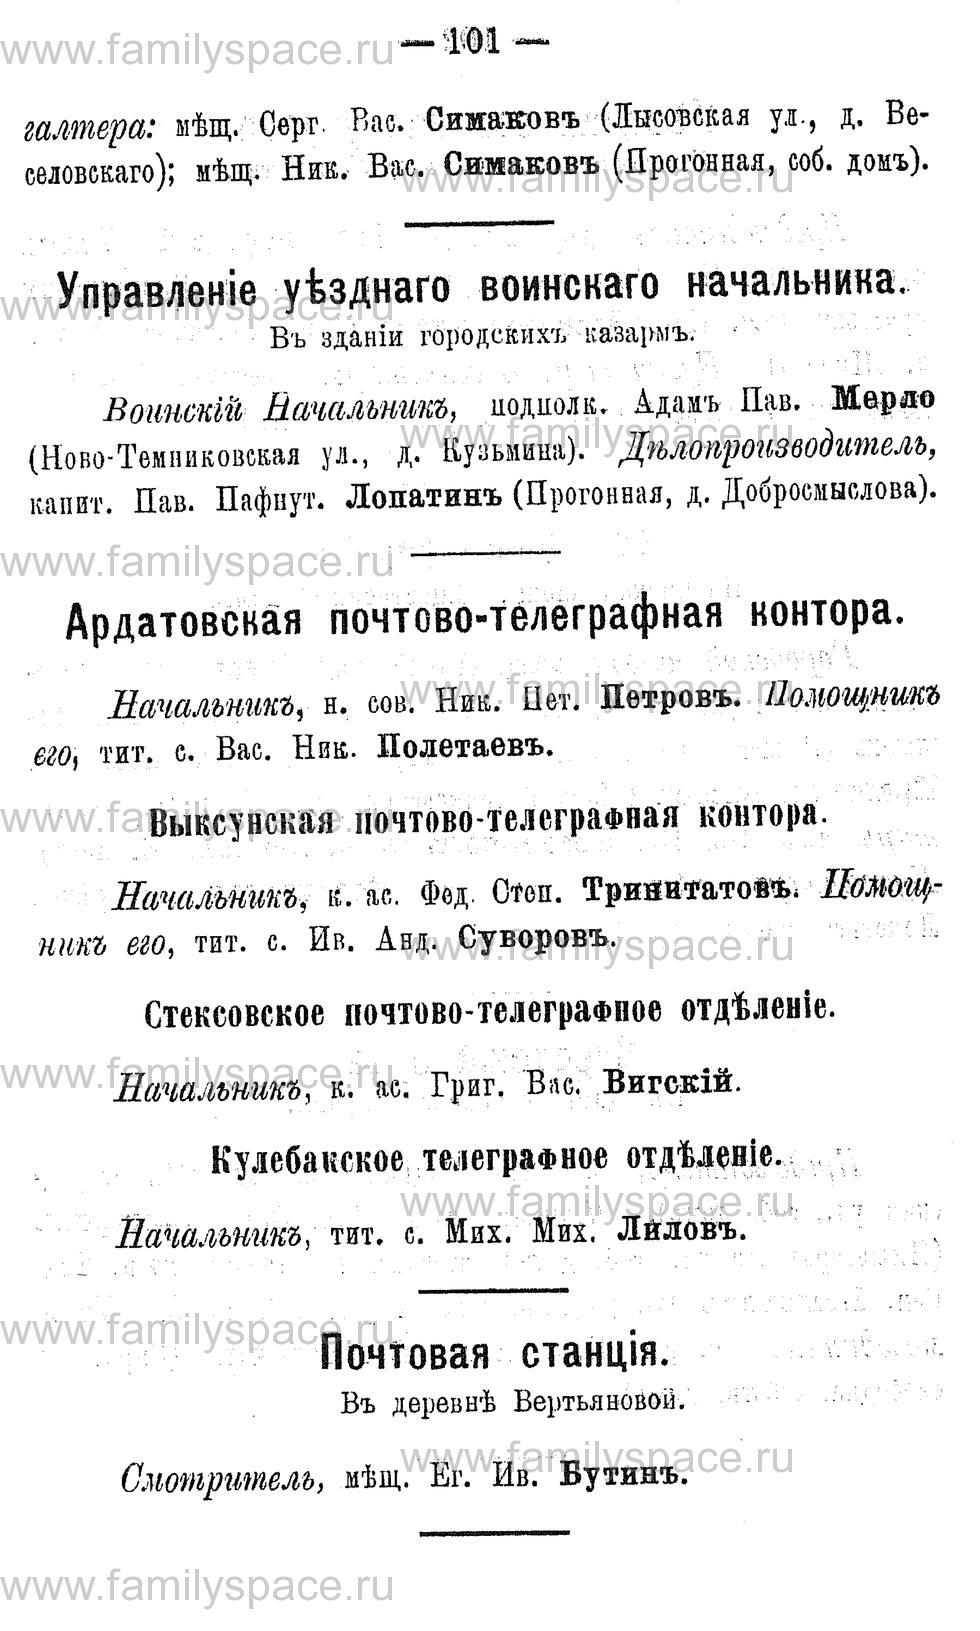 Поиск по фамилии - Адрес-календарь Нижегородской губернии на 1891 год, страница 101